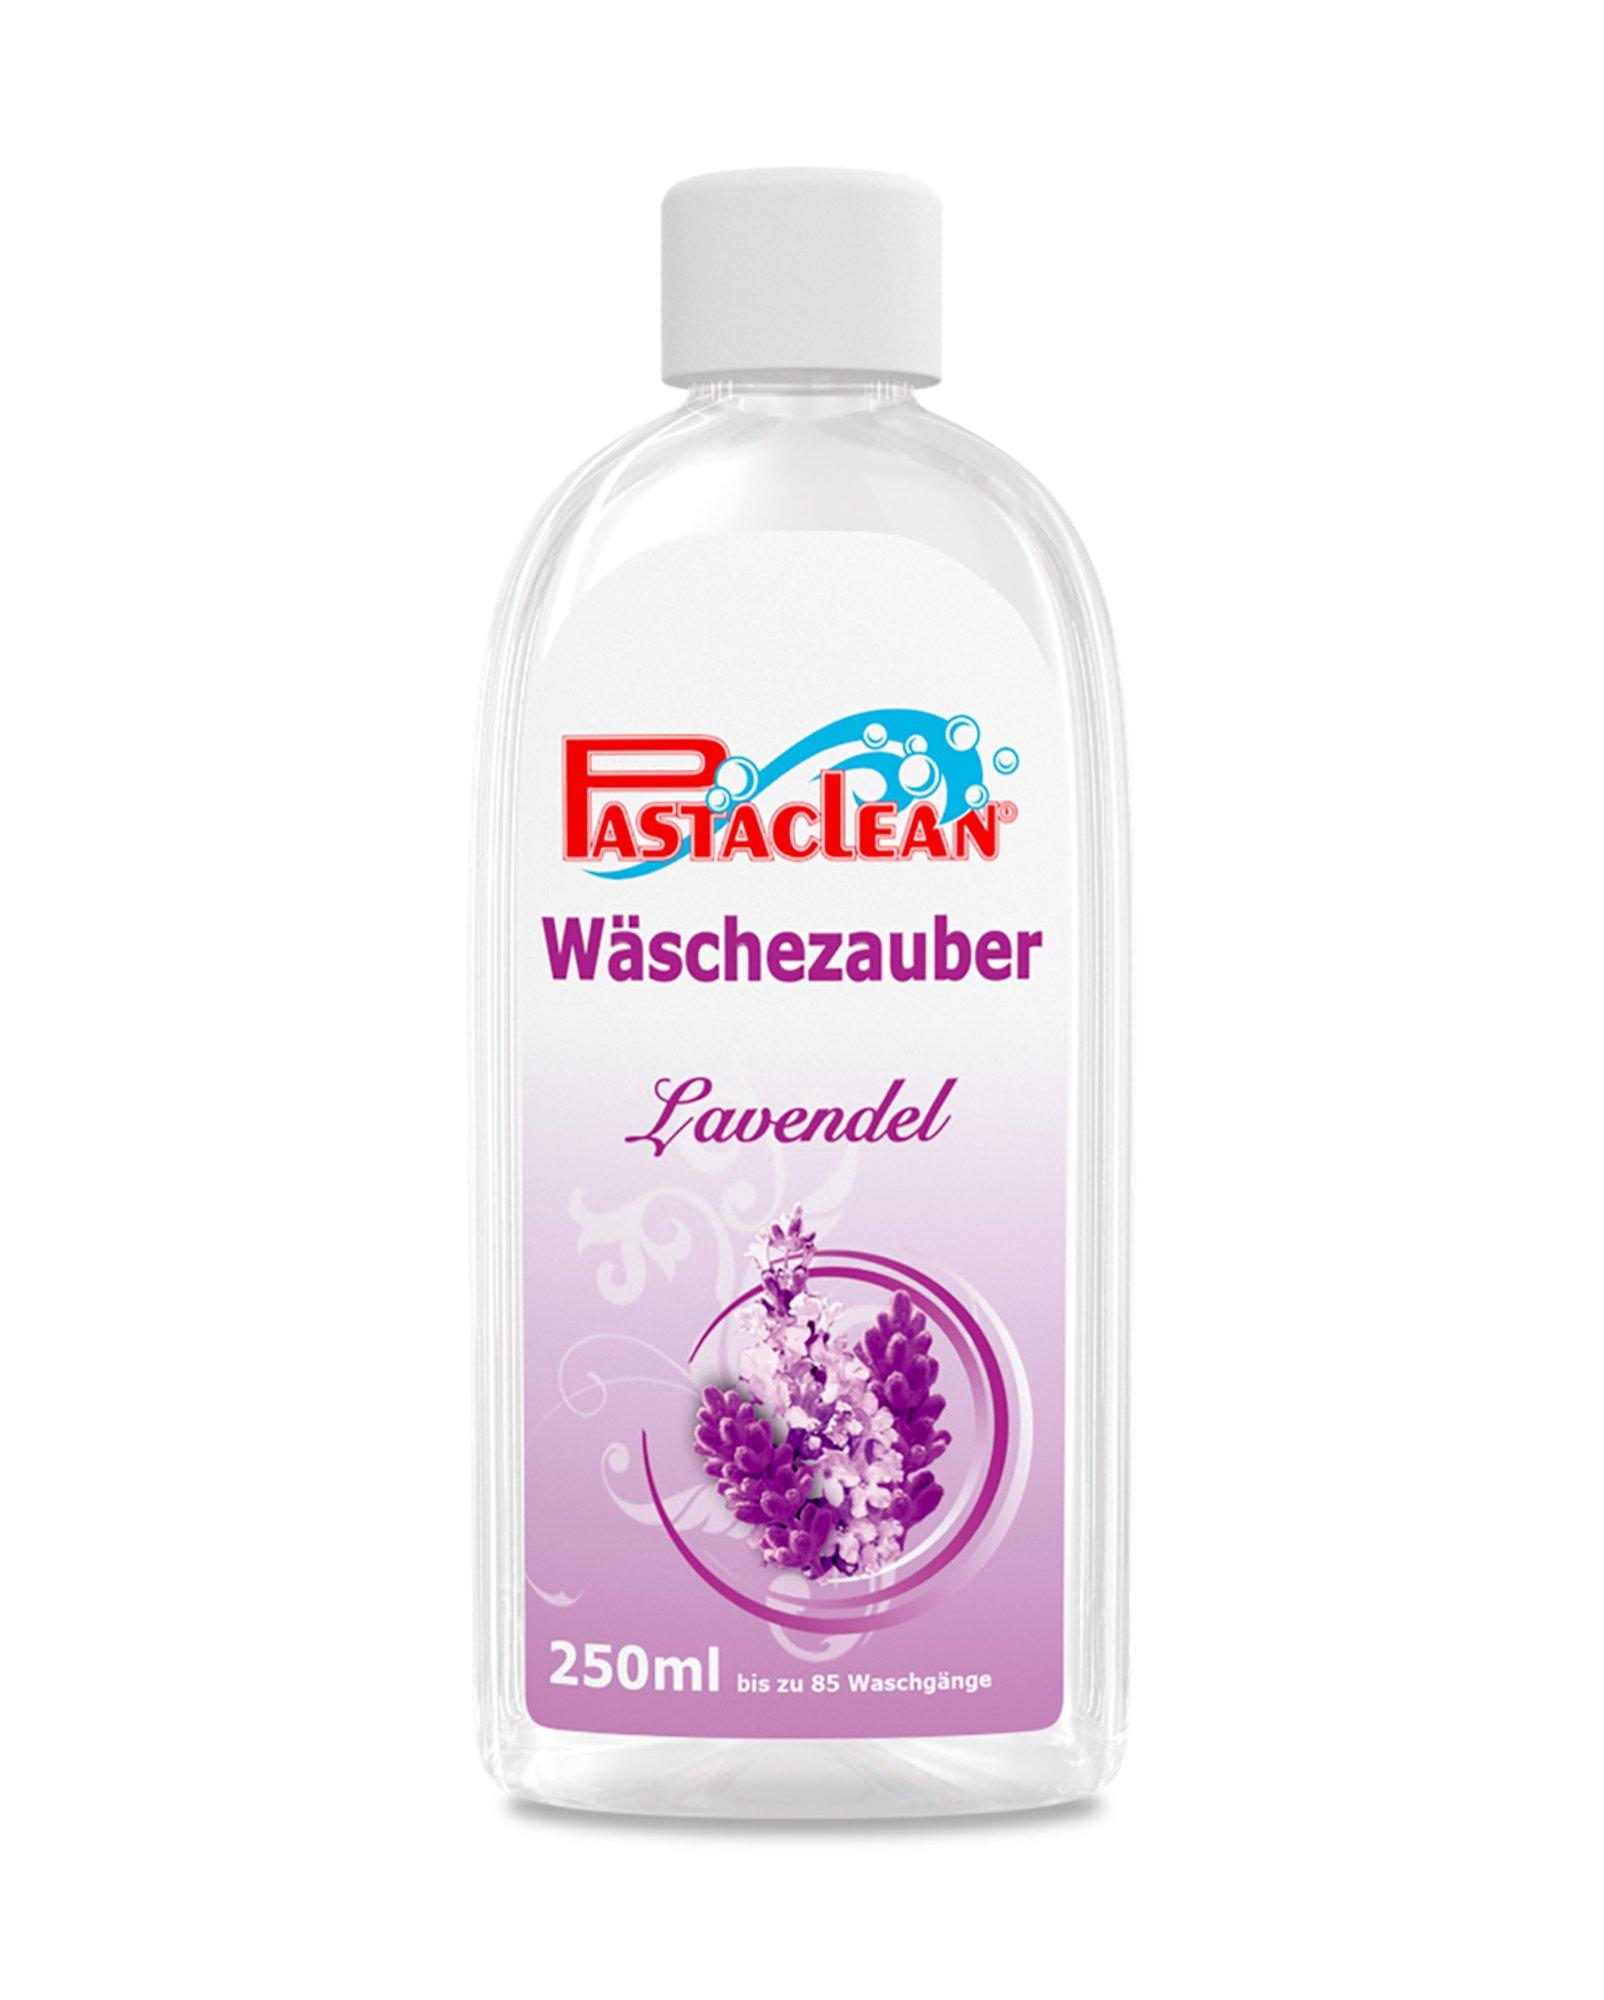 Wäschezauber (Lavendel), 250ml